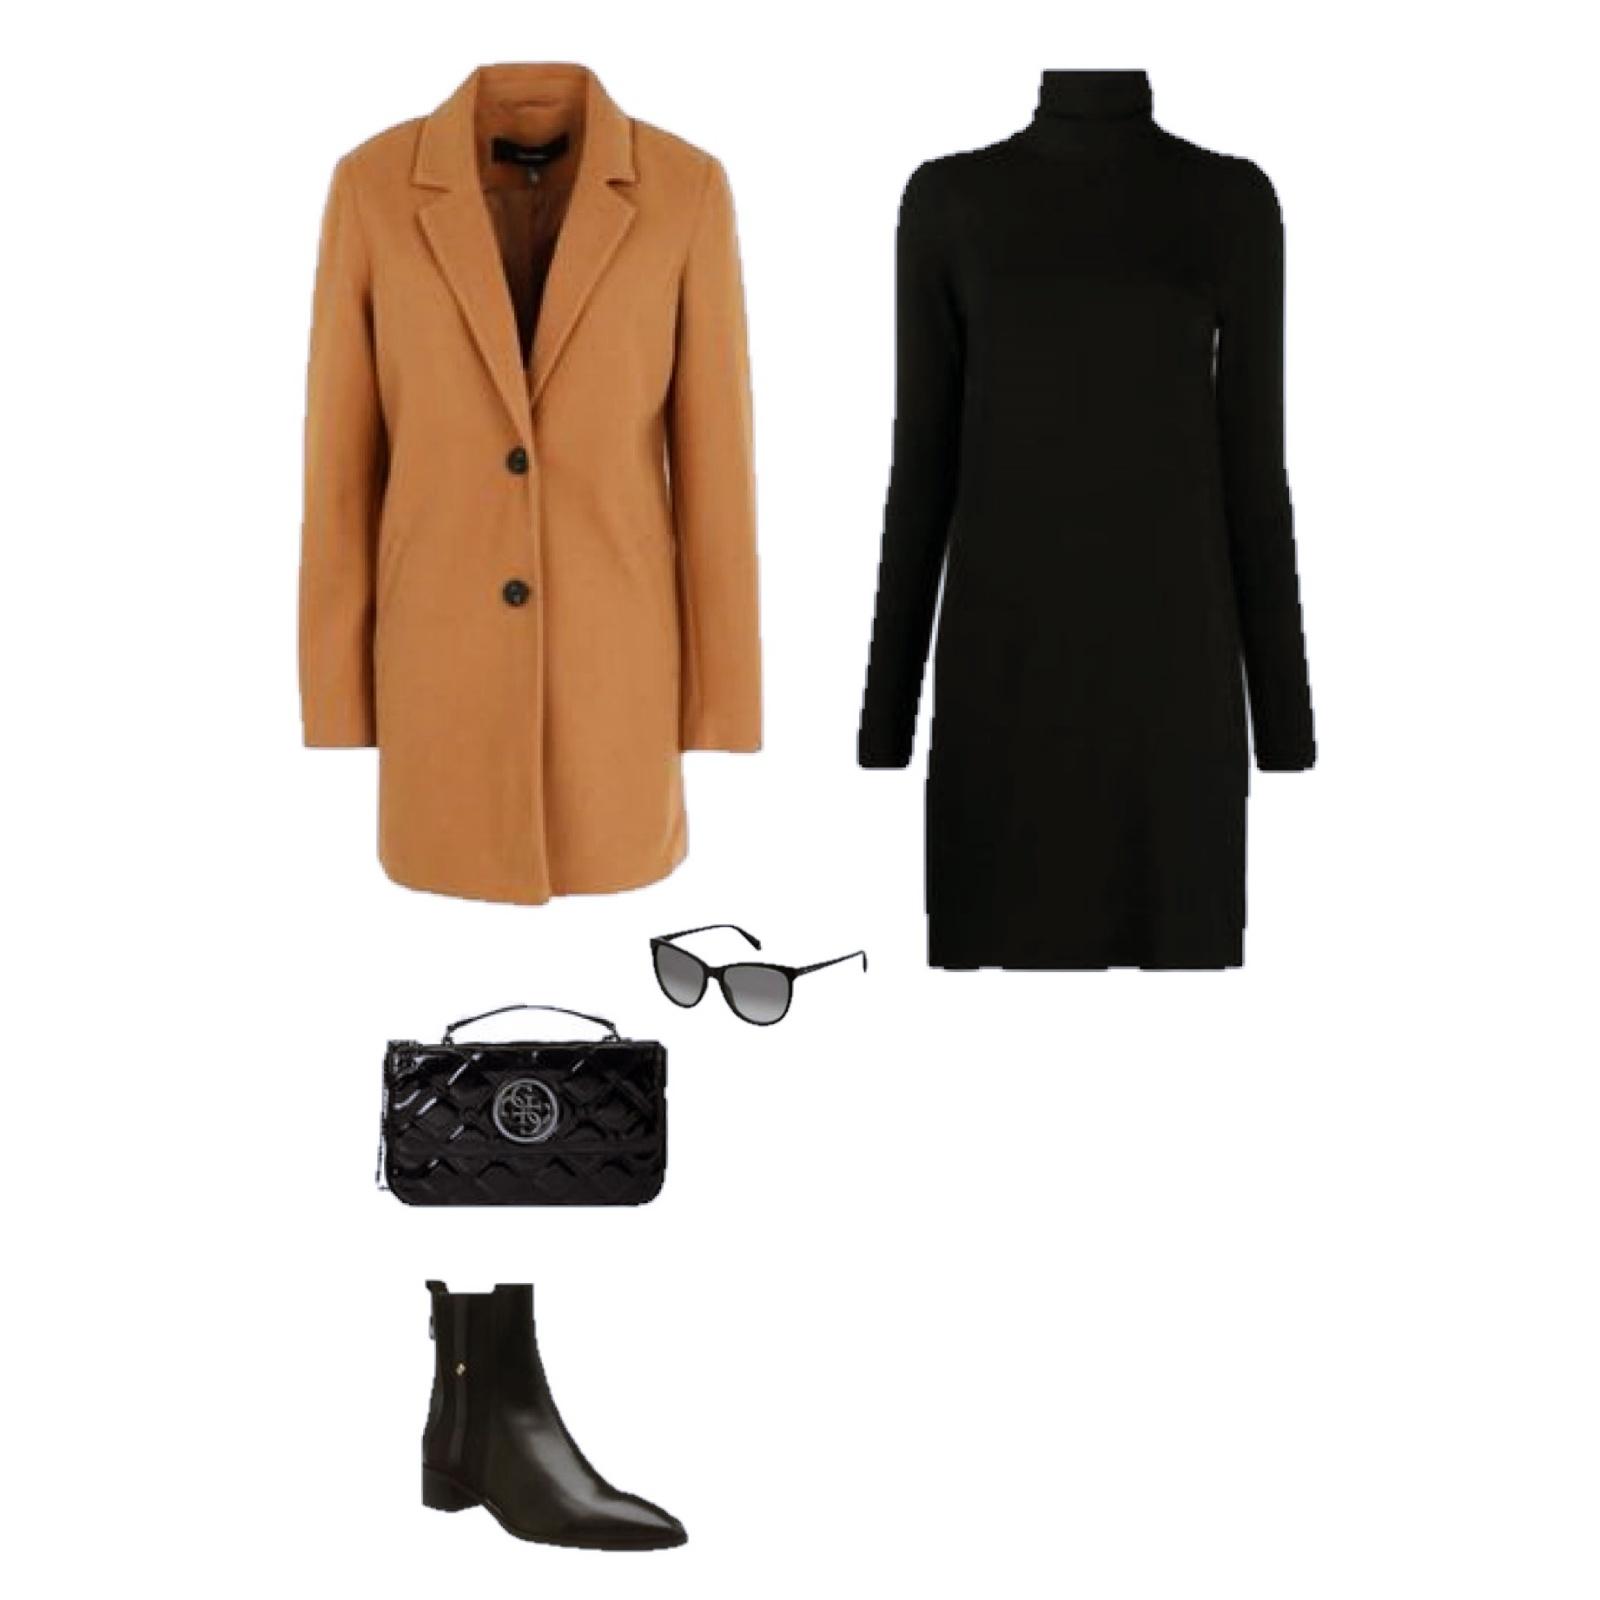 Outfit des Tages: ein schwarzes Rollkragenpullover-Kleid